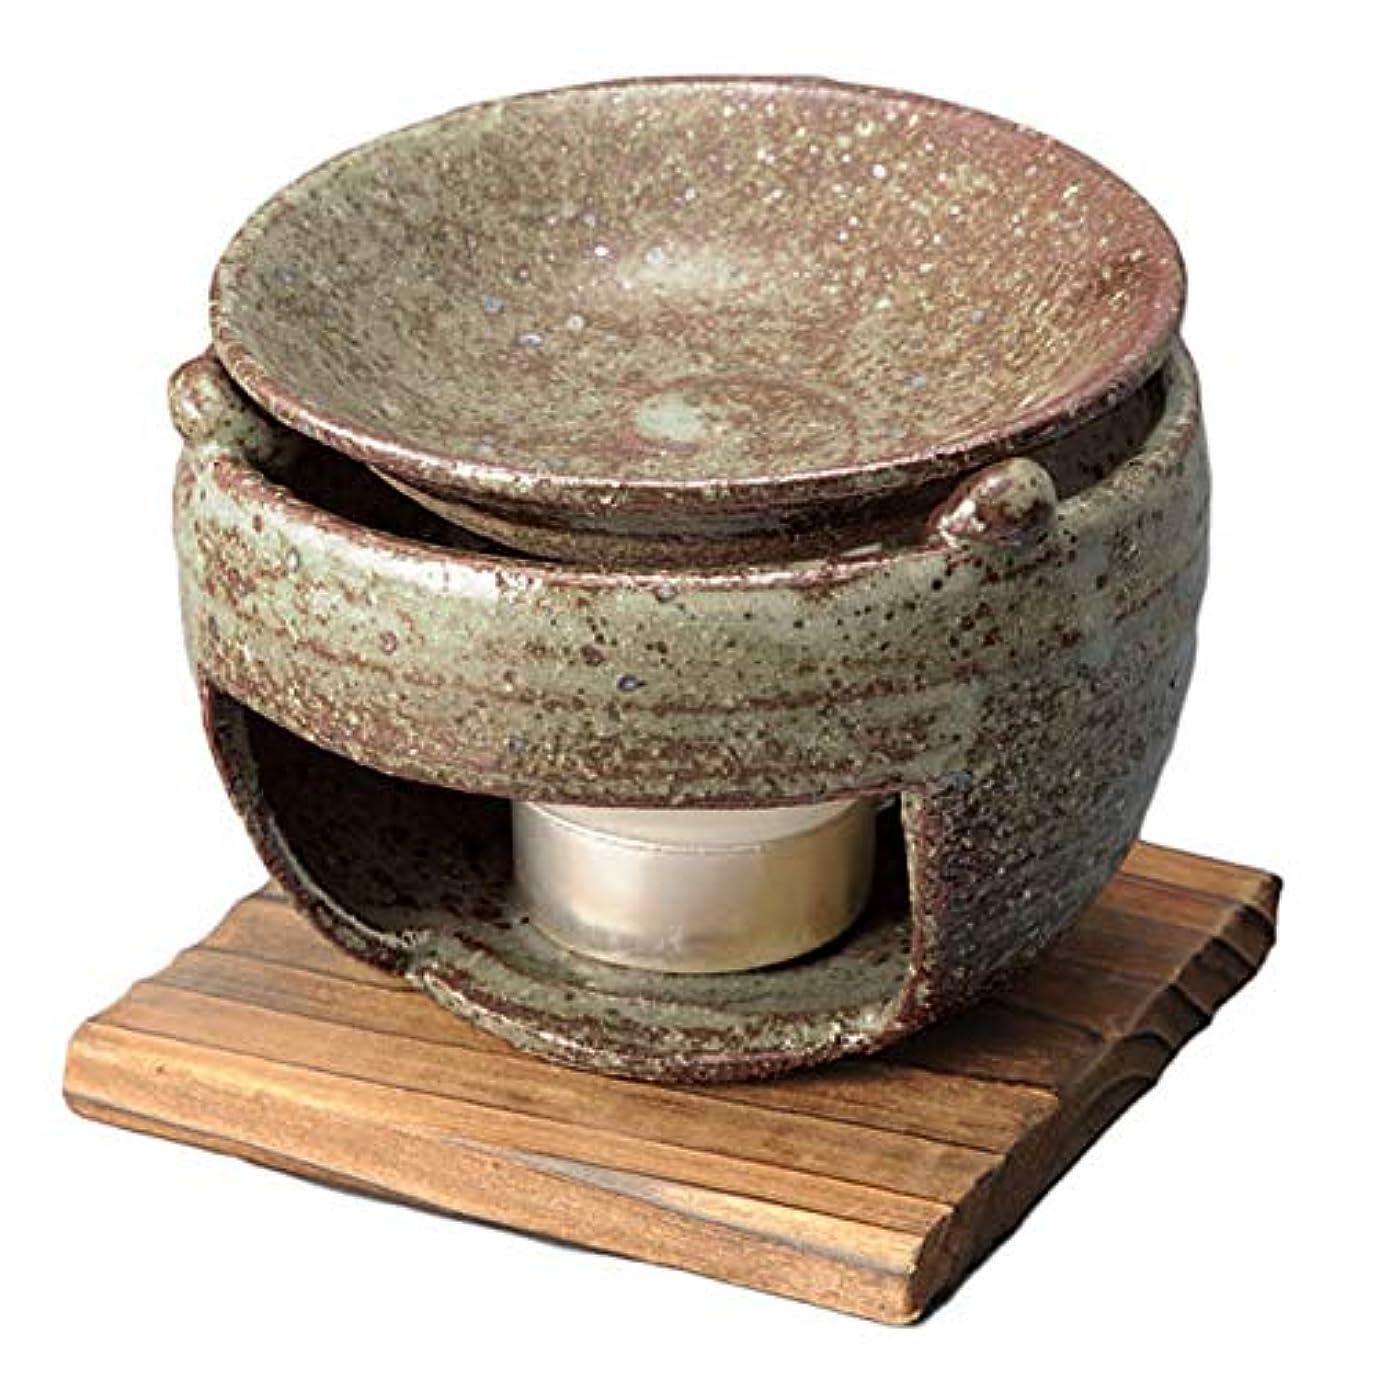 エジプト人読みやすいおもしろい手造り 茶香炉/茶香炉(土灰釉) /アロマ 癒やし リラックス インテリア 間接照明